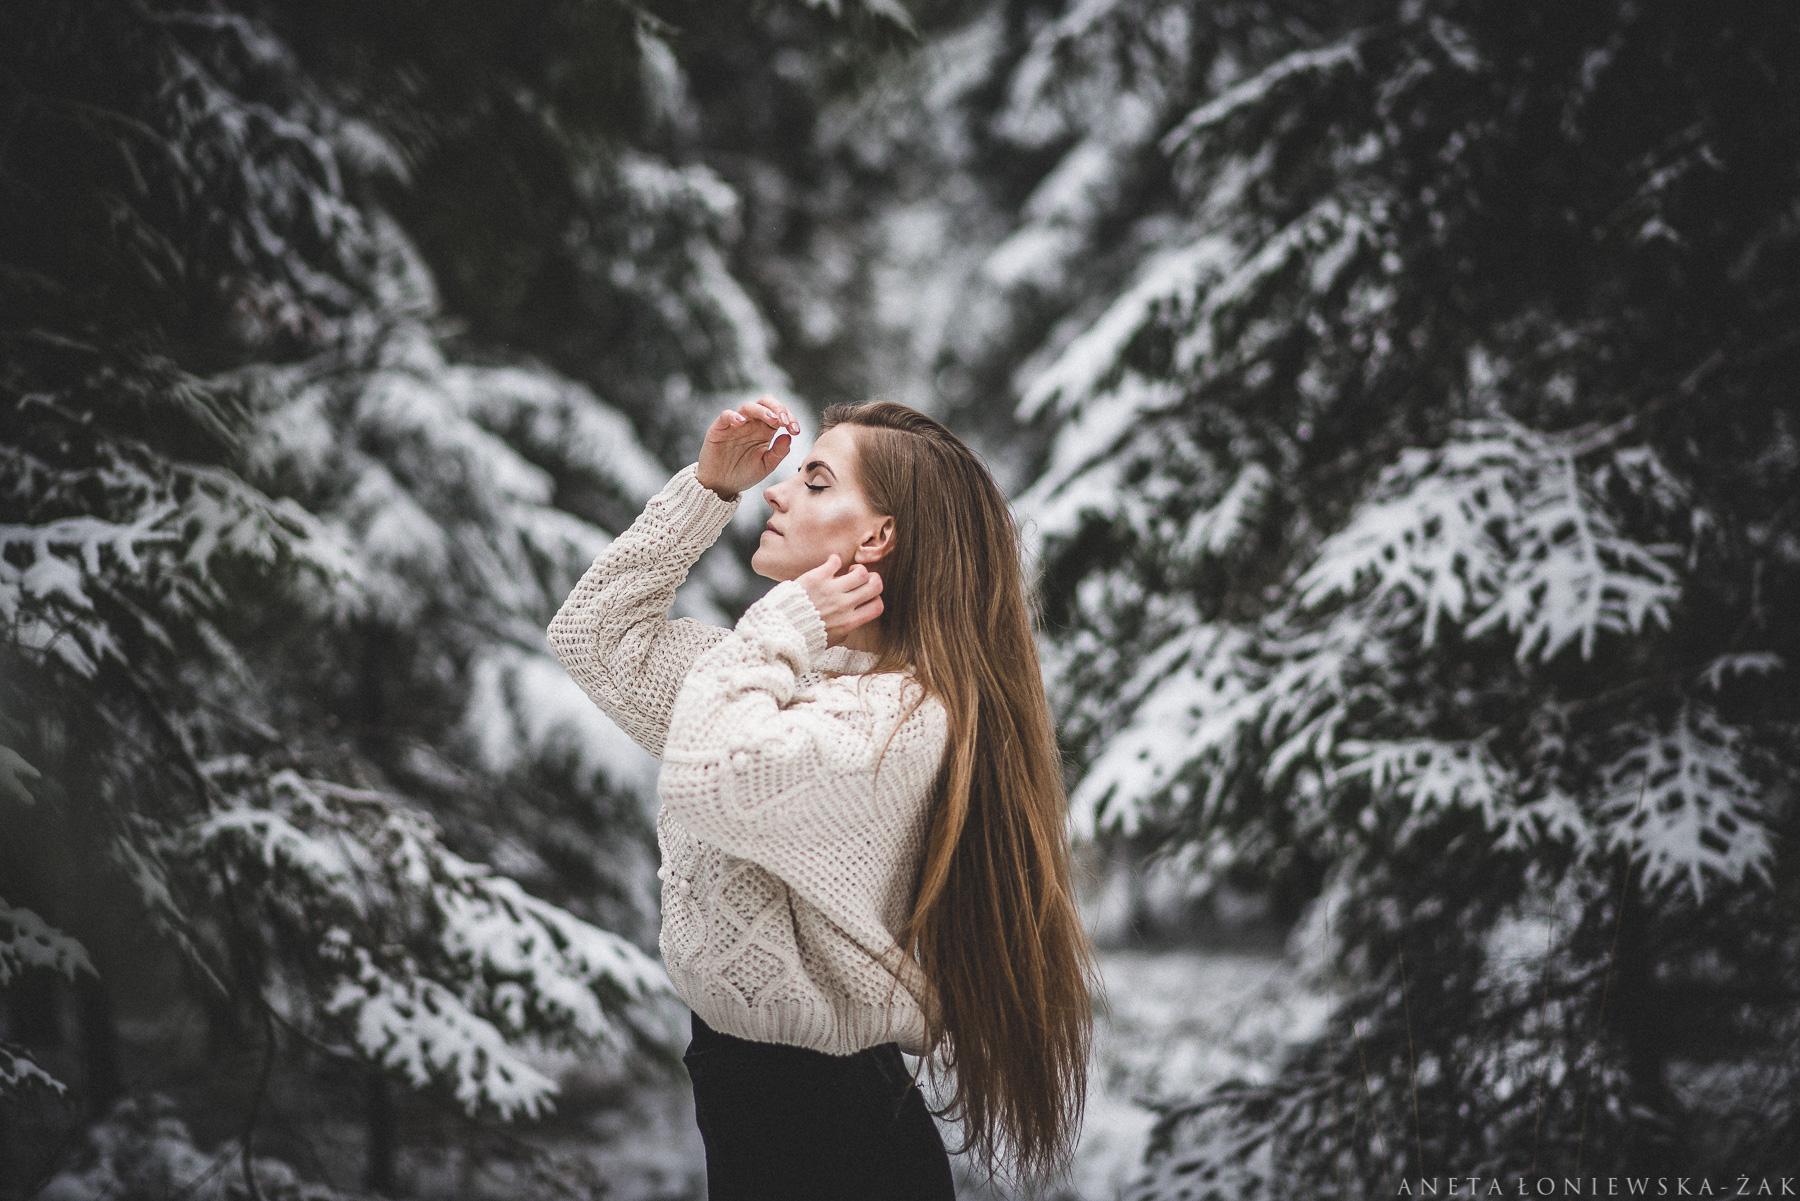 fotografia portretowa białystok, naturalna fotografia białystok, fotografia ślubna podlaskie, puszcza knyszyńska